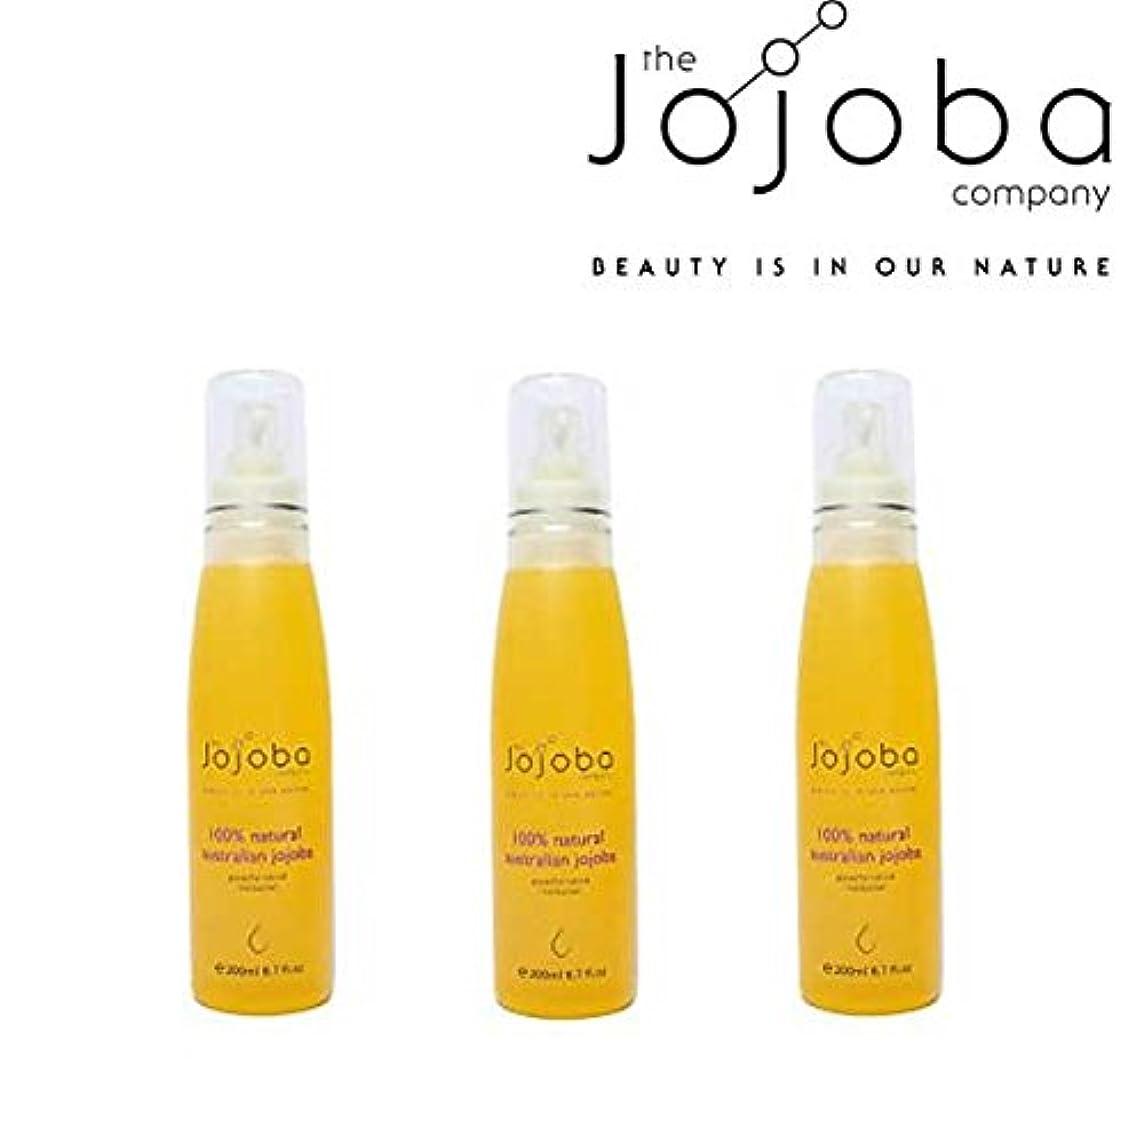 が欲しい虚偽初心者[The jojoba Company]天然100% オーストラリア産ゴールデンホホバオイル200ml(3本セット)[海外直送品]